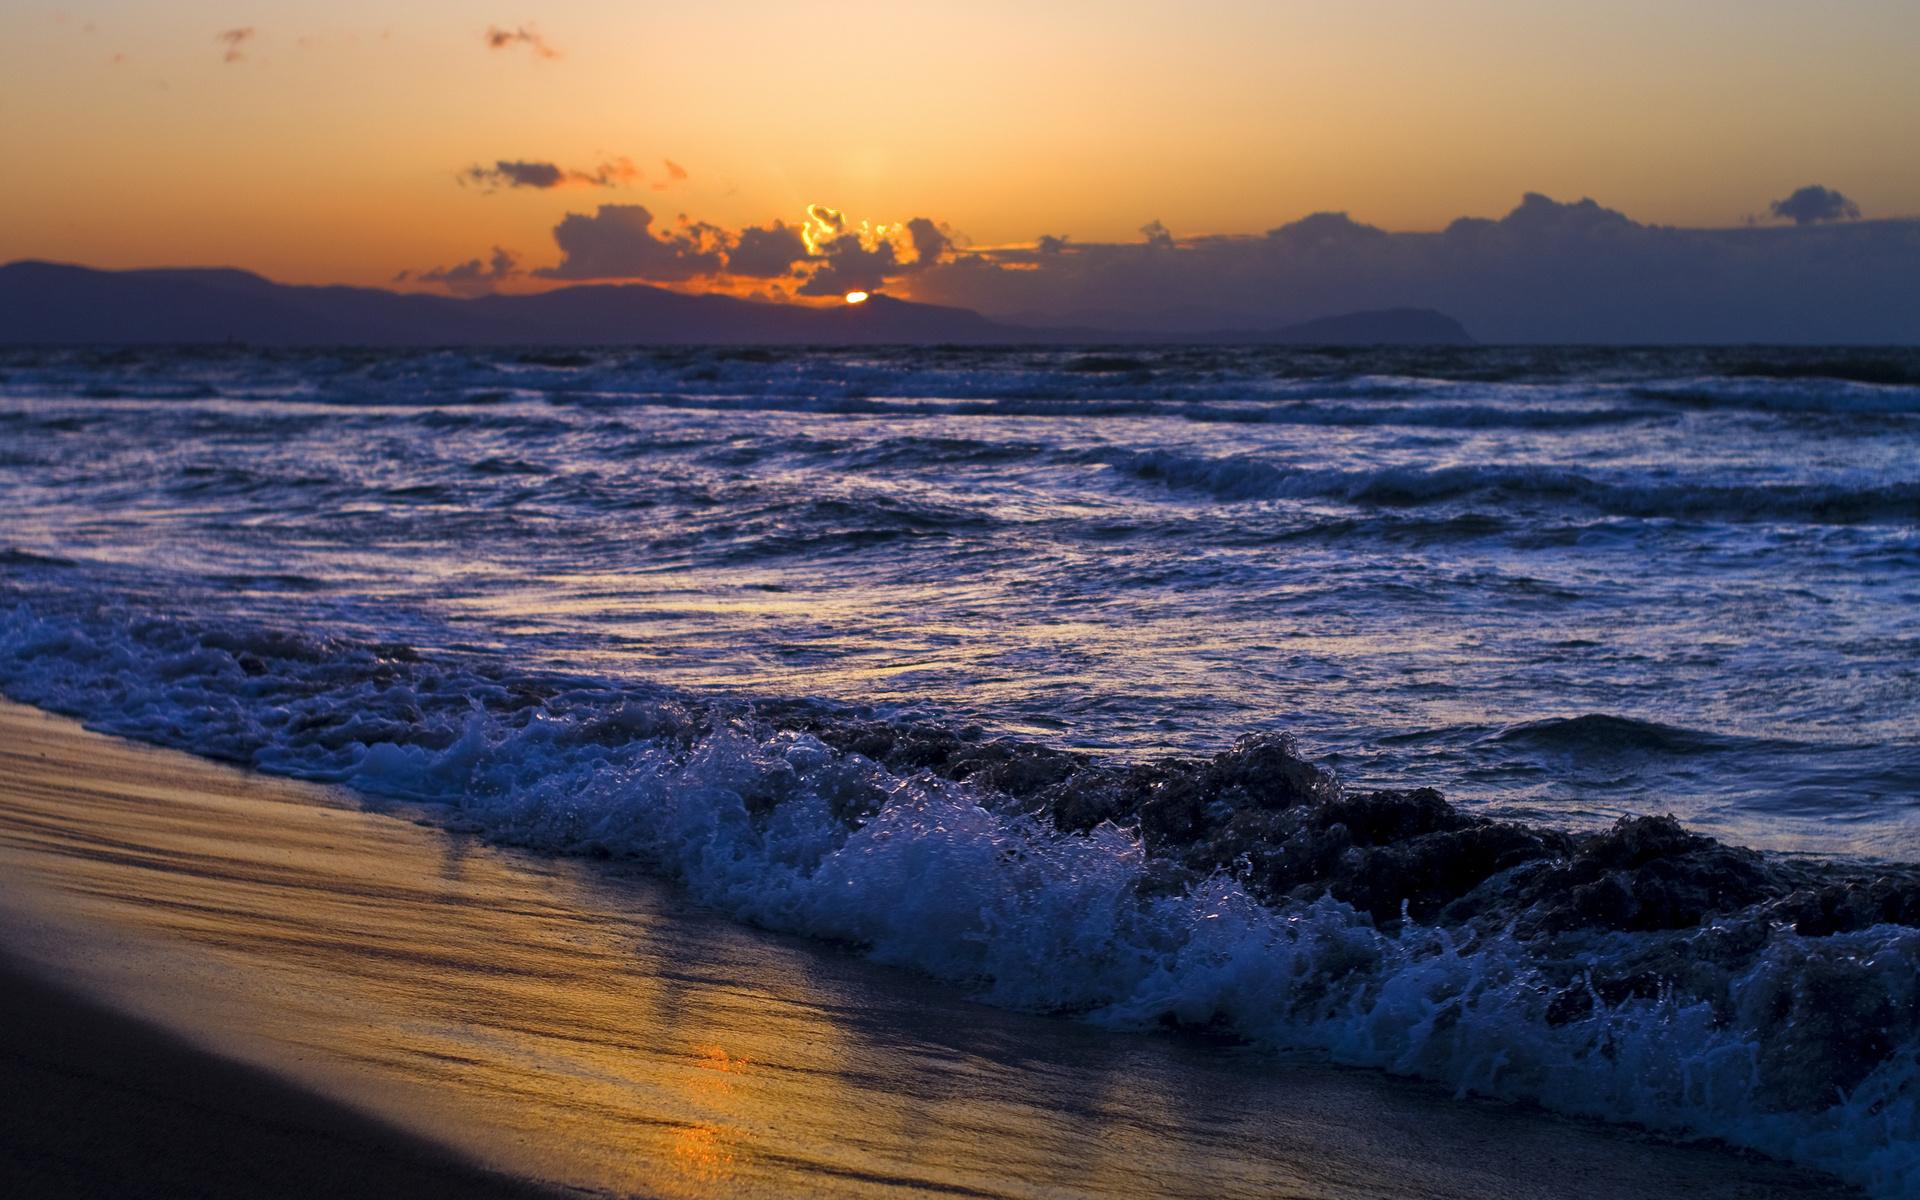 Картинки море волны солнце, вмф поздравления салон